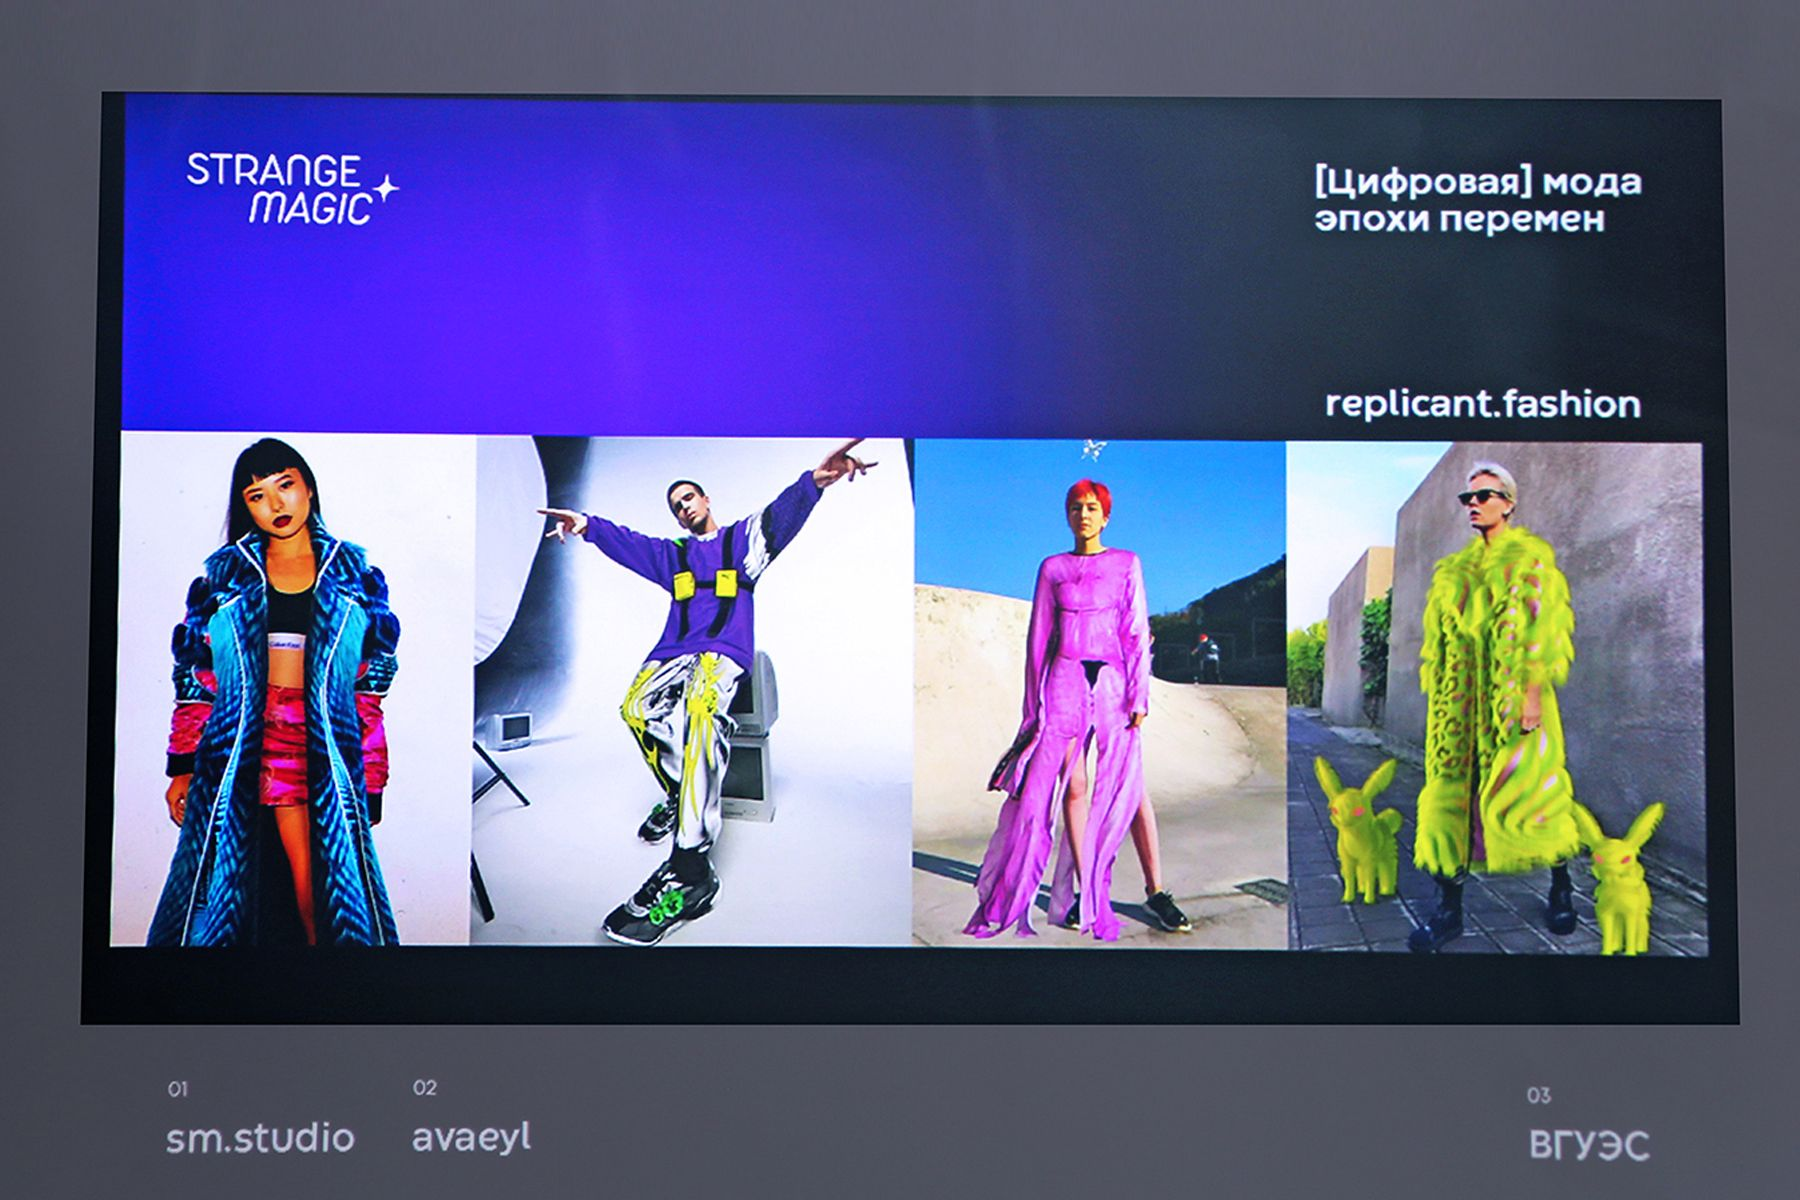 Цифровая мода во ВГУЭС: как носить и зачем создавать диджитал-гардероб